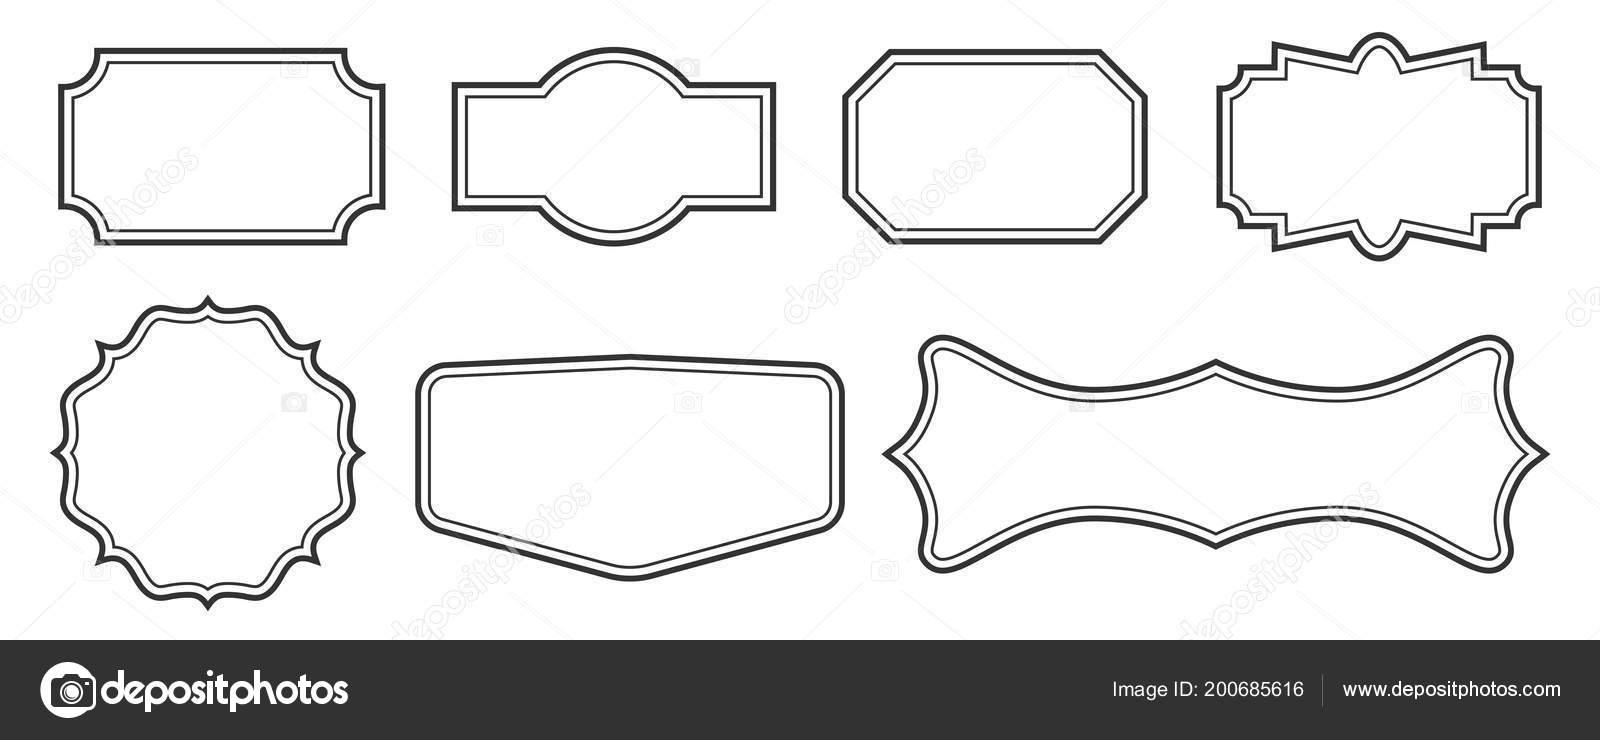 creative vector illustration set of decorative vintage frames